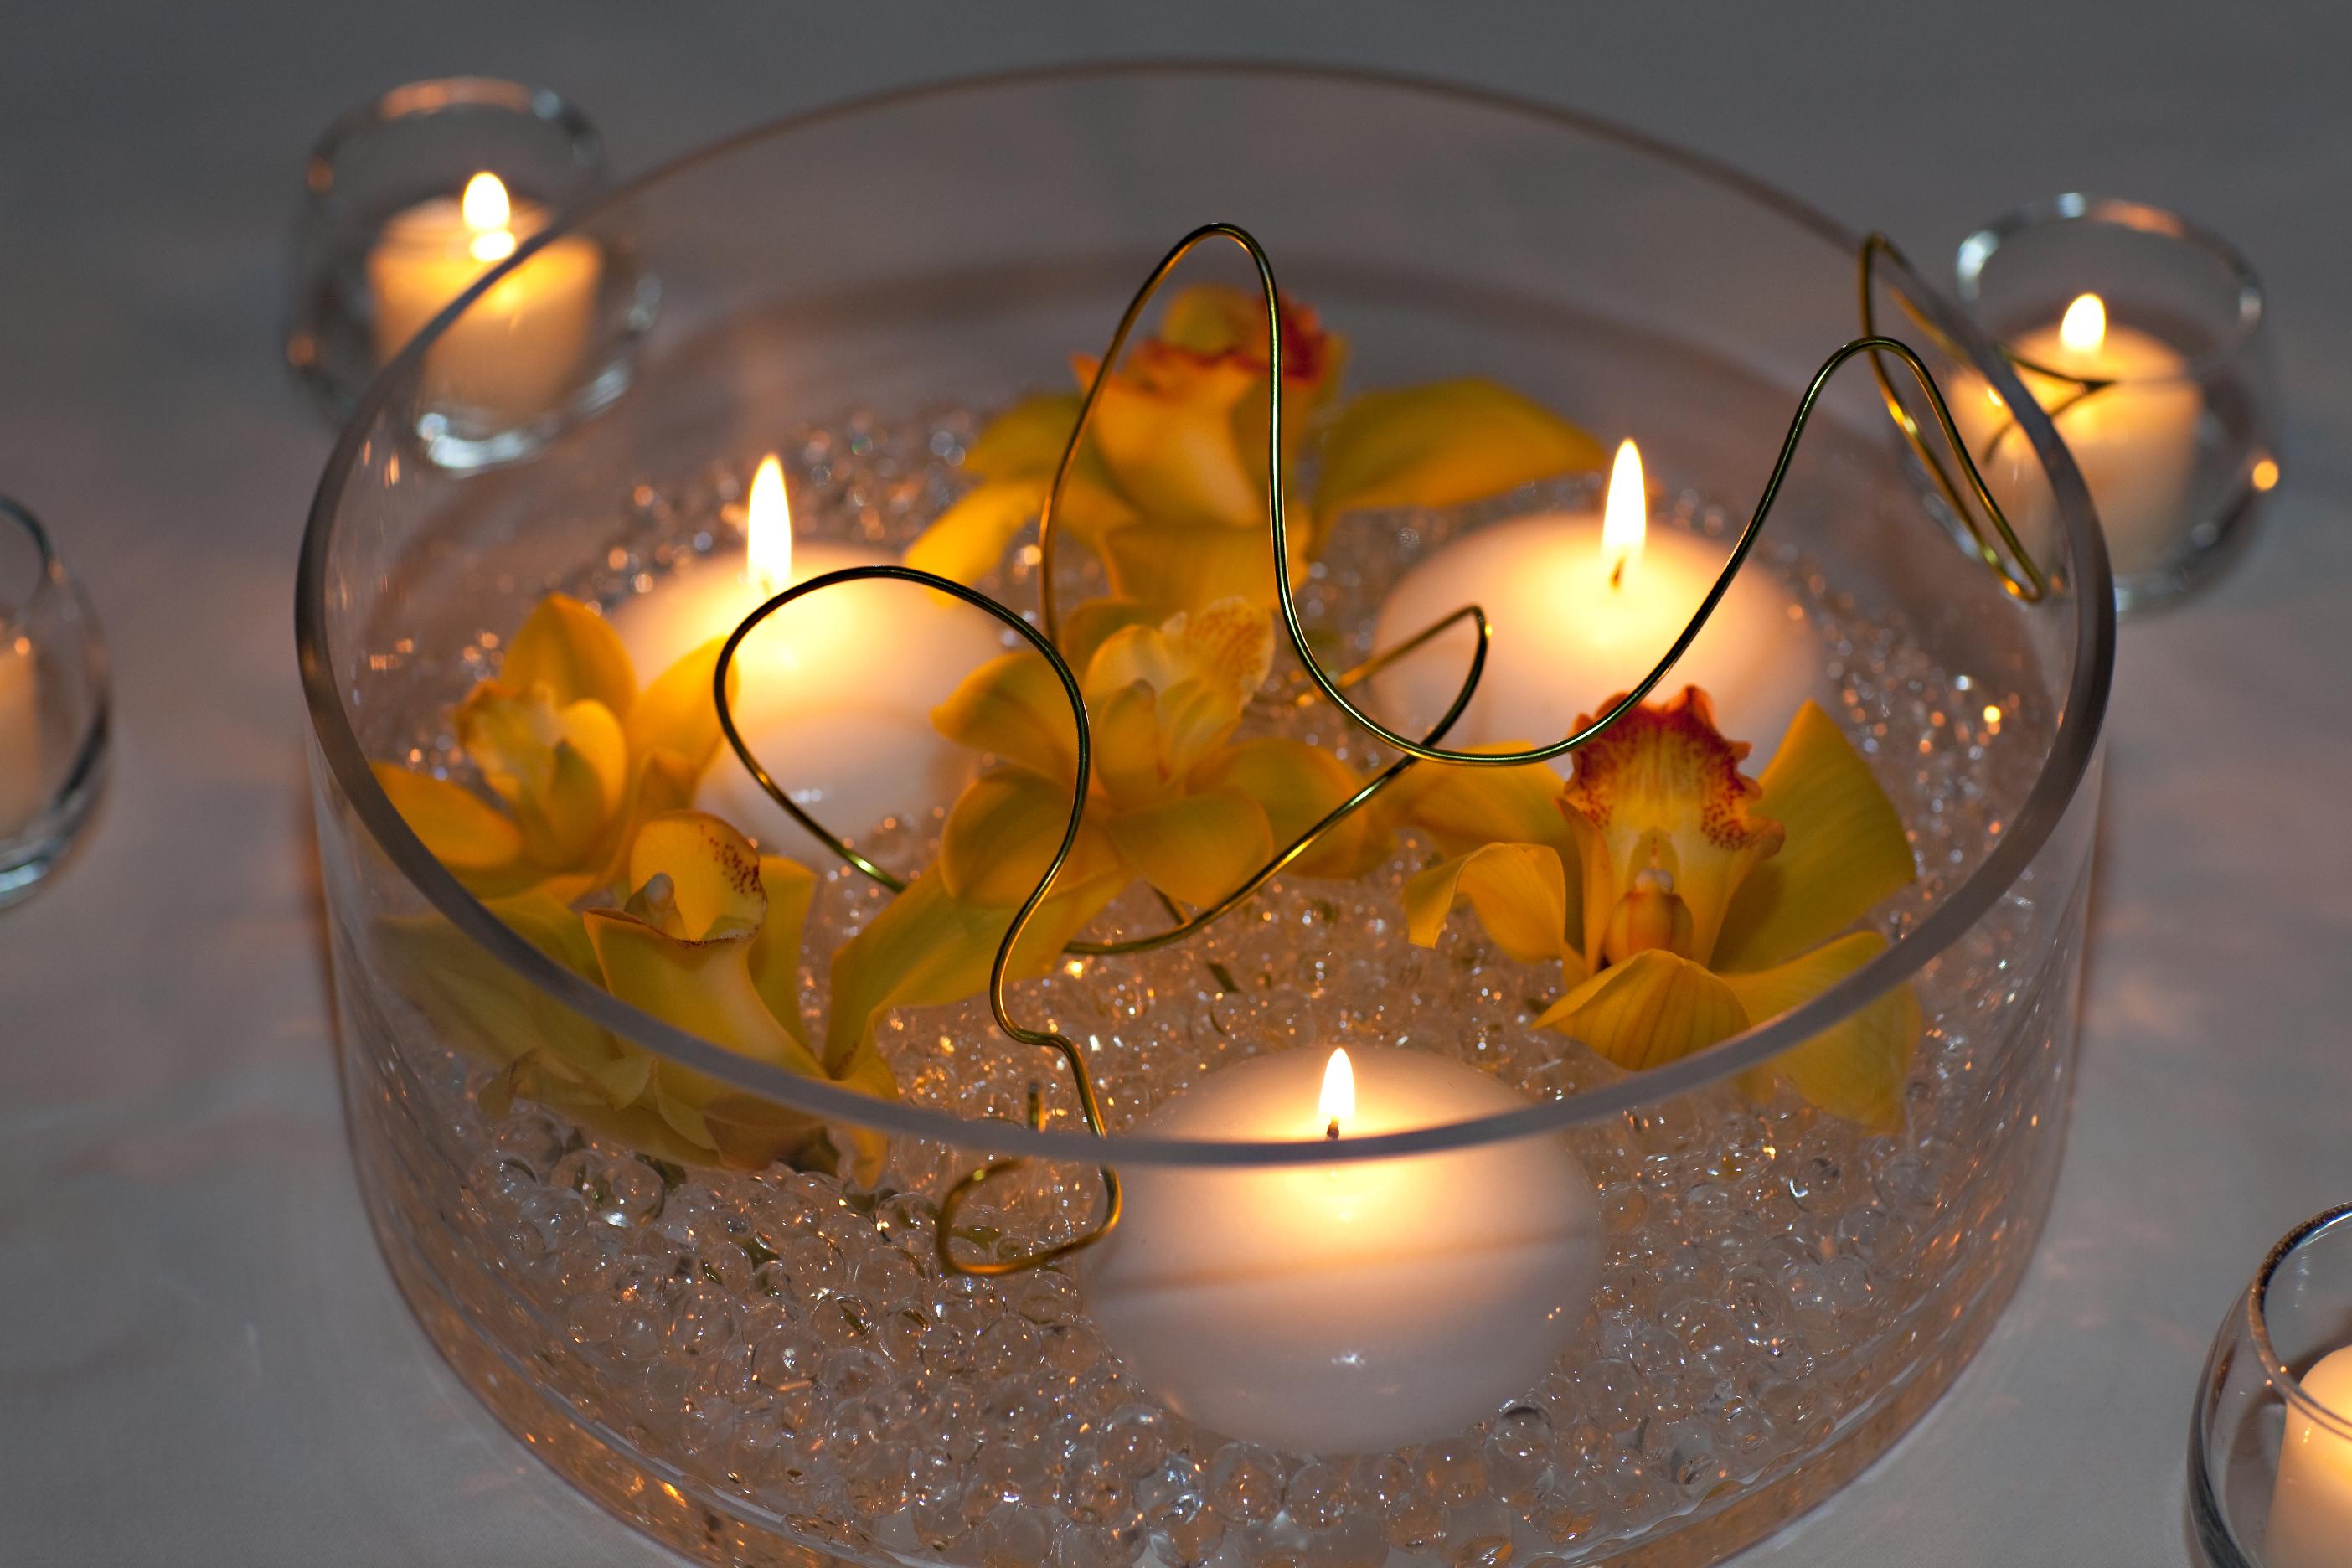 картинка свеча в вазе отметила африкантова, неё